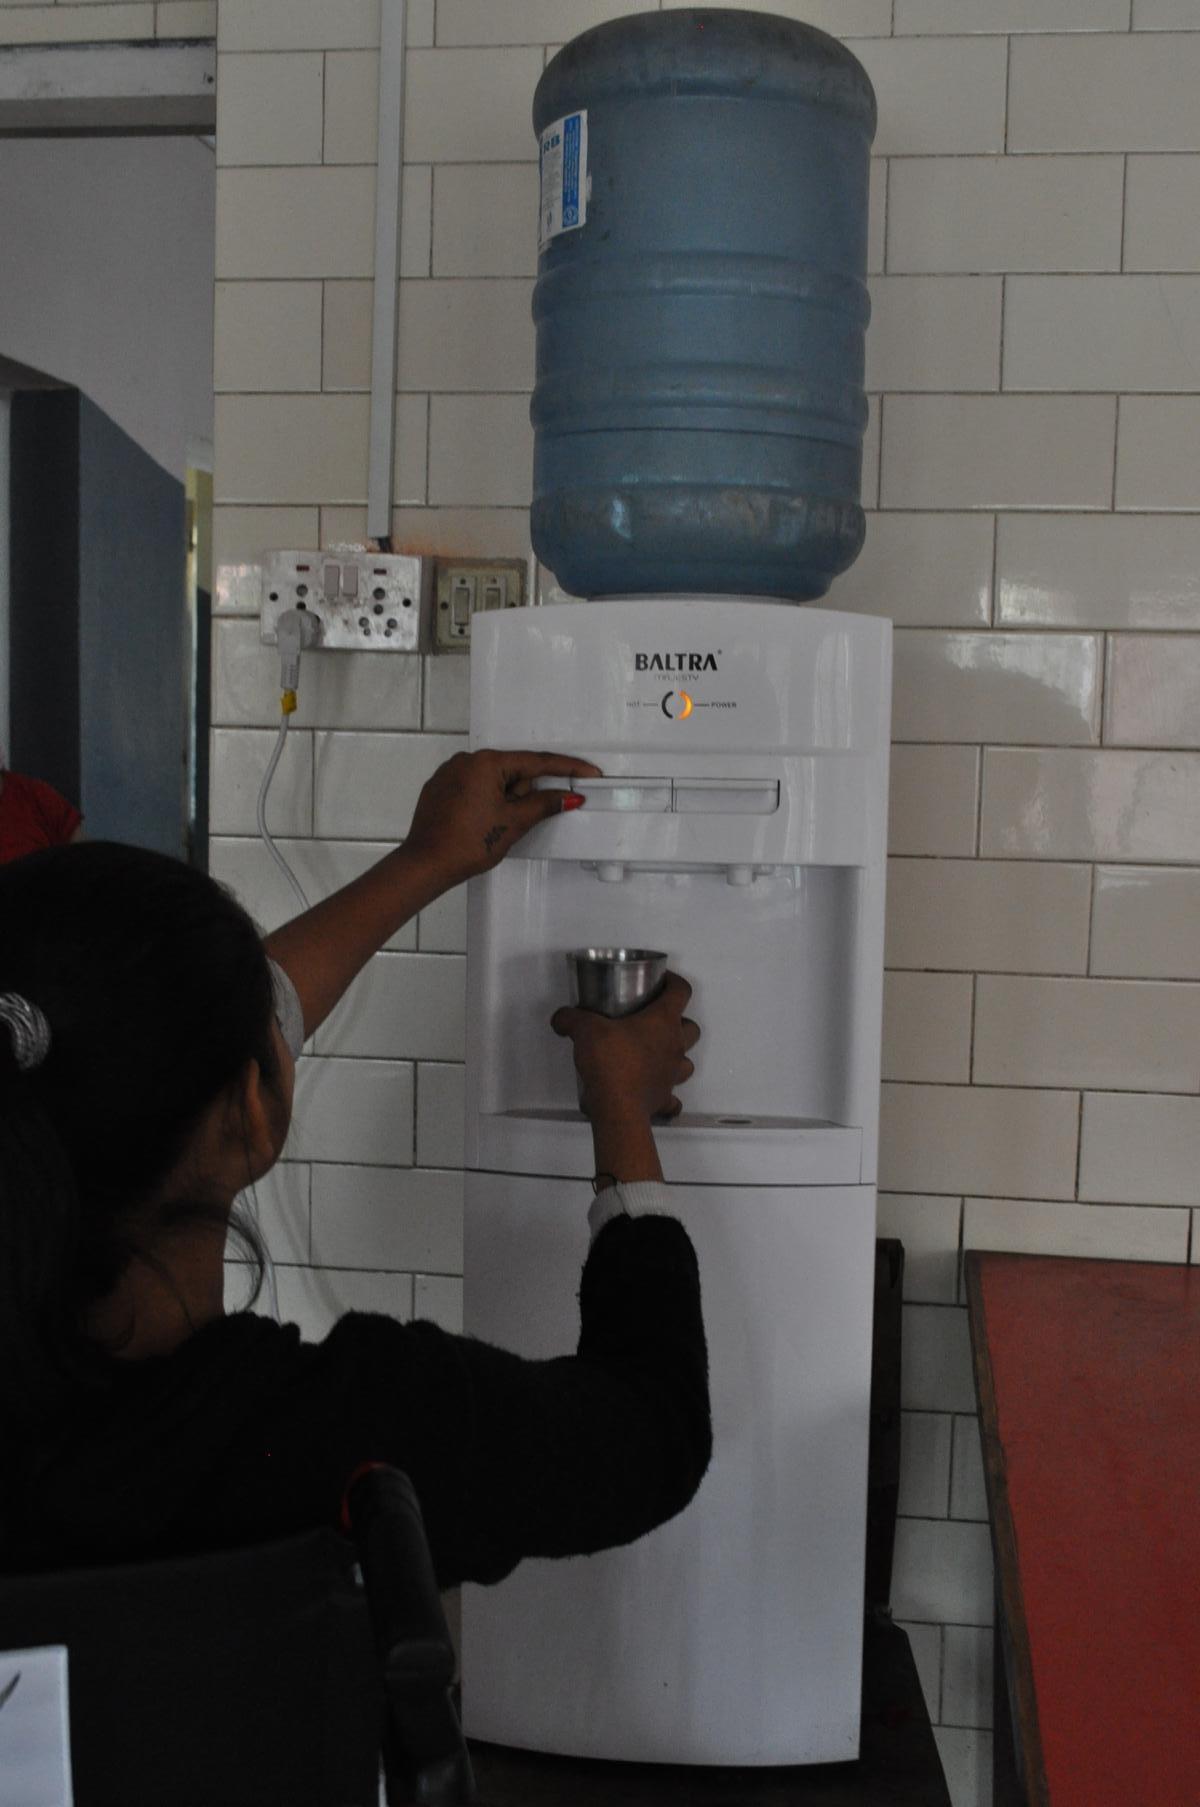 Trinkwasserentnahme für die Bewohner (heiß und kalt)